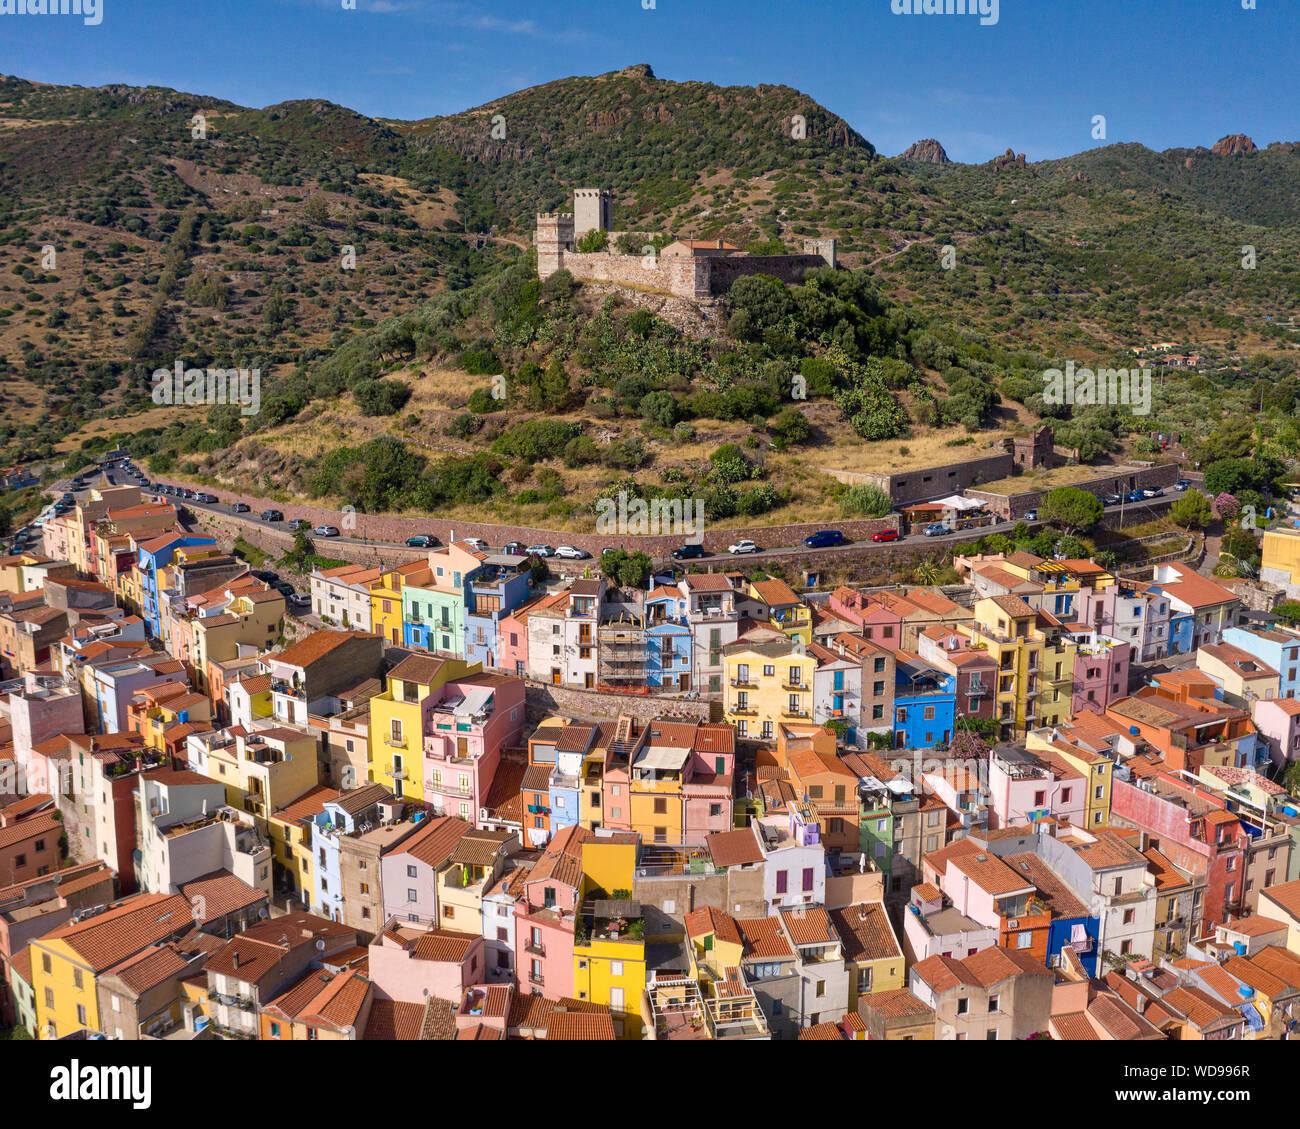 Castillo en la ciudad medieval de Bosa, Cerdeña, Italia. Características coloridas casas en la ladera de la colina del castillo. Foto de stock